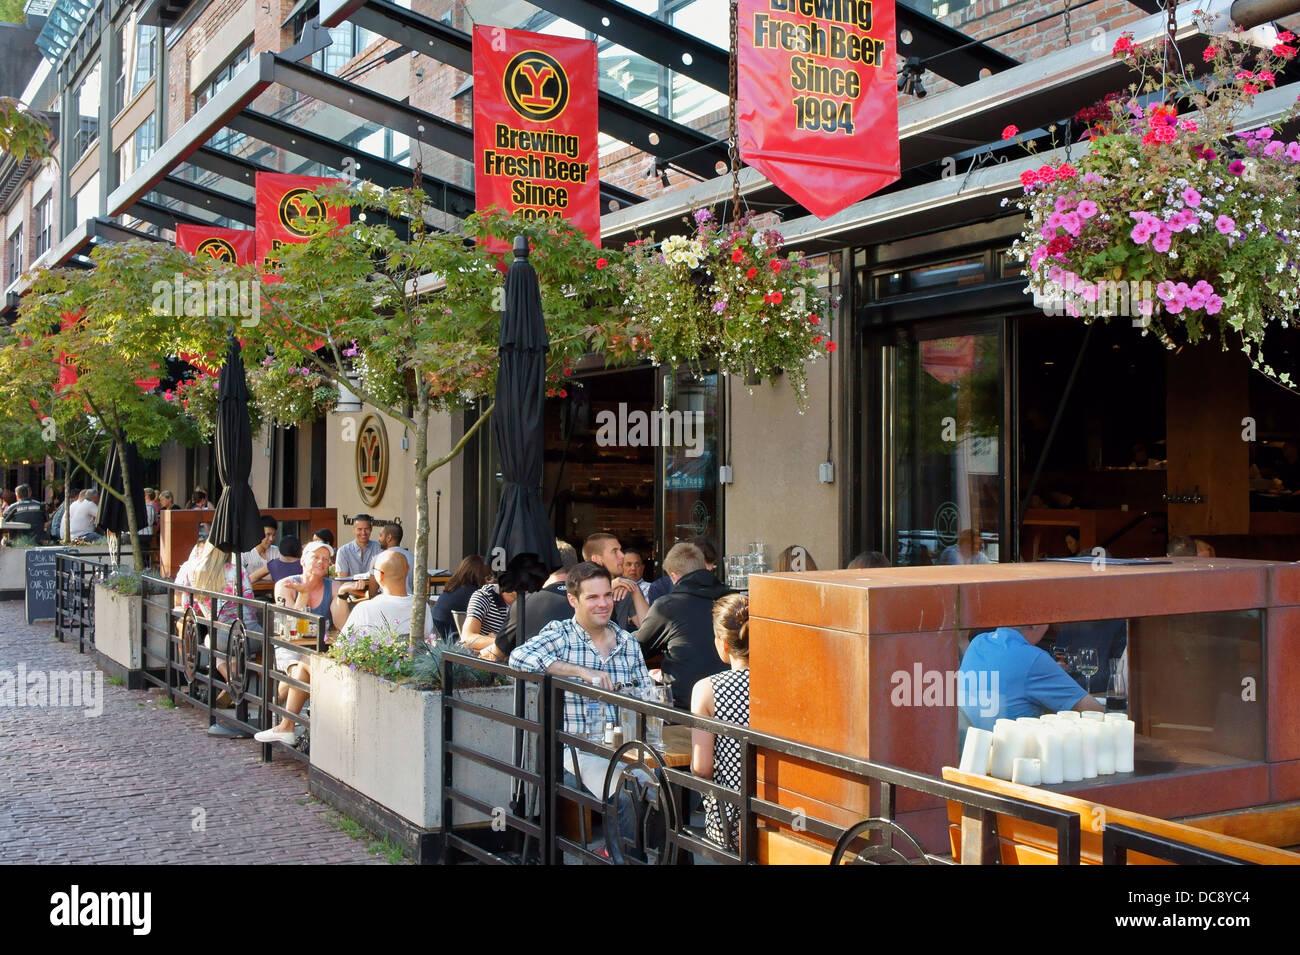 Persone ristoranti sul patio esterno del Yaletown Brewing Company restaurant di Yaletown, Vancouver, British Columbia, Immagini Stock